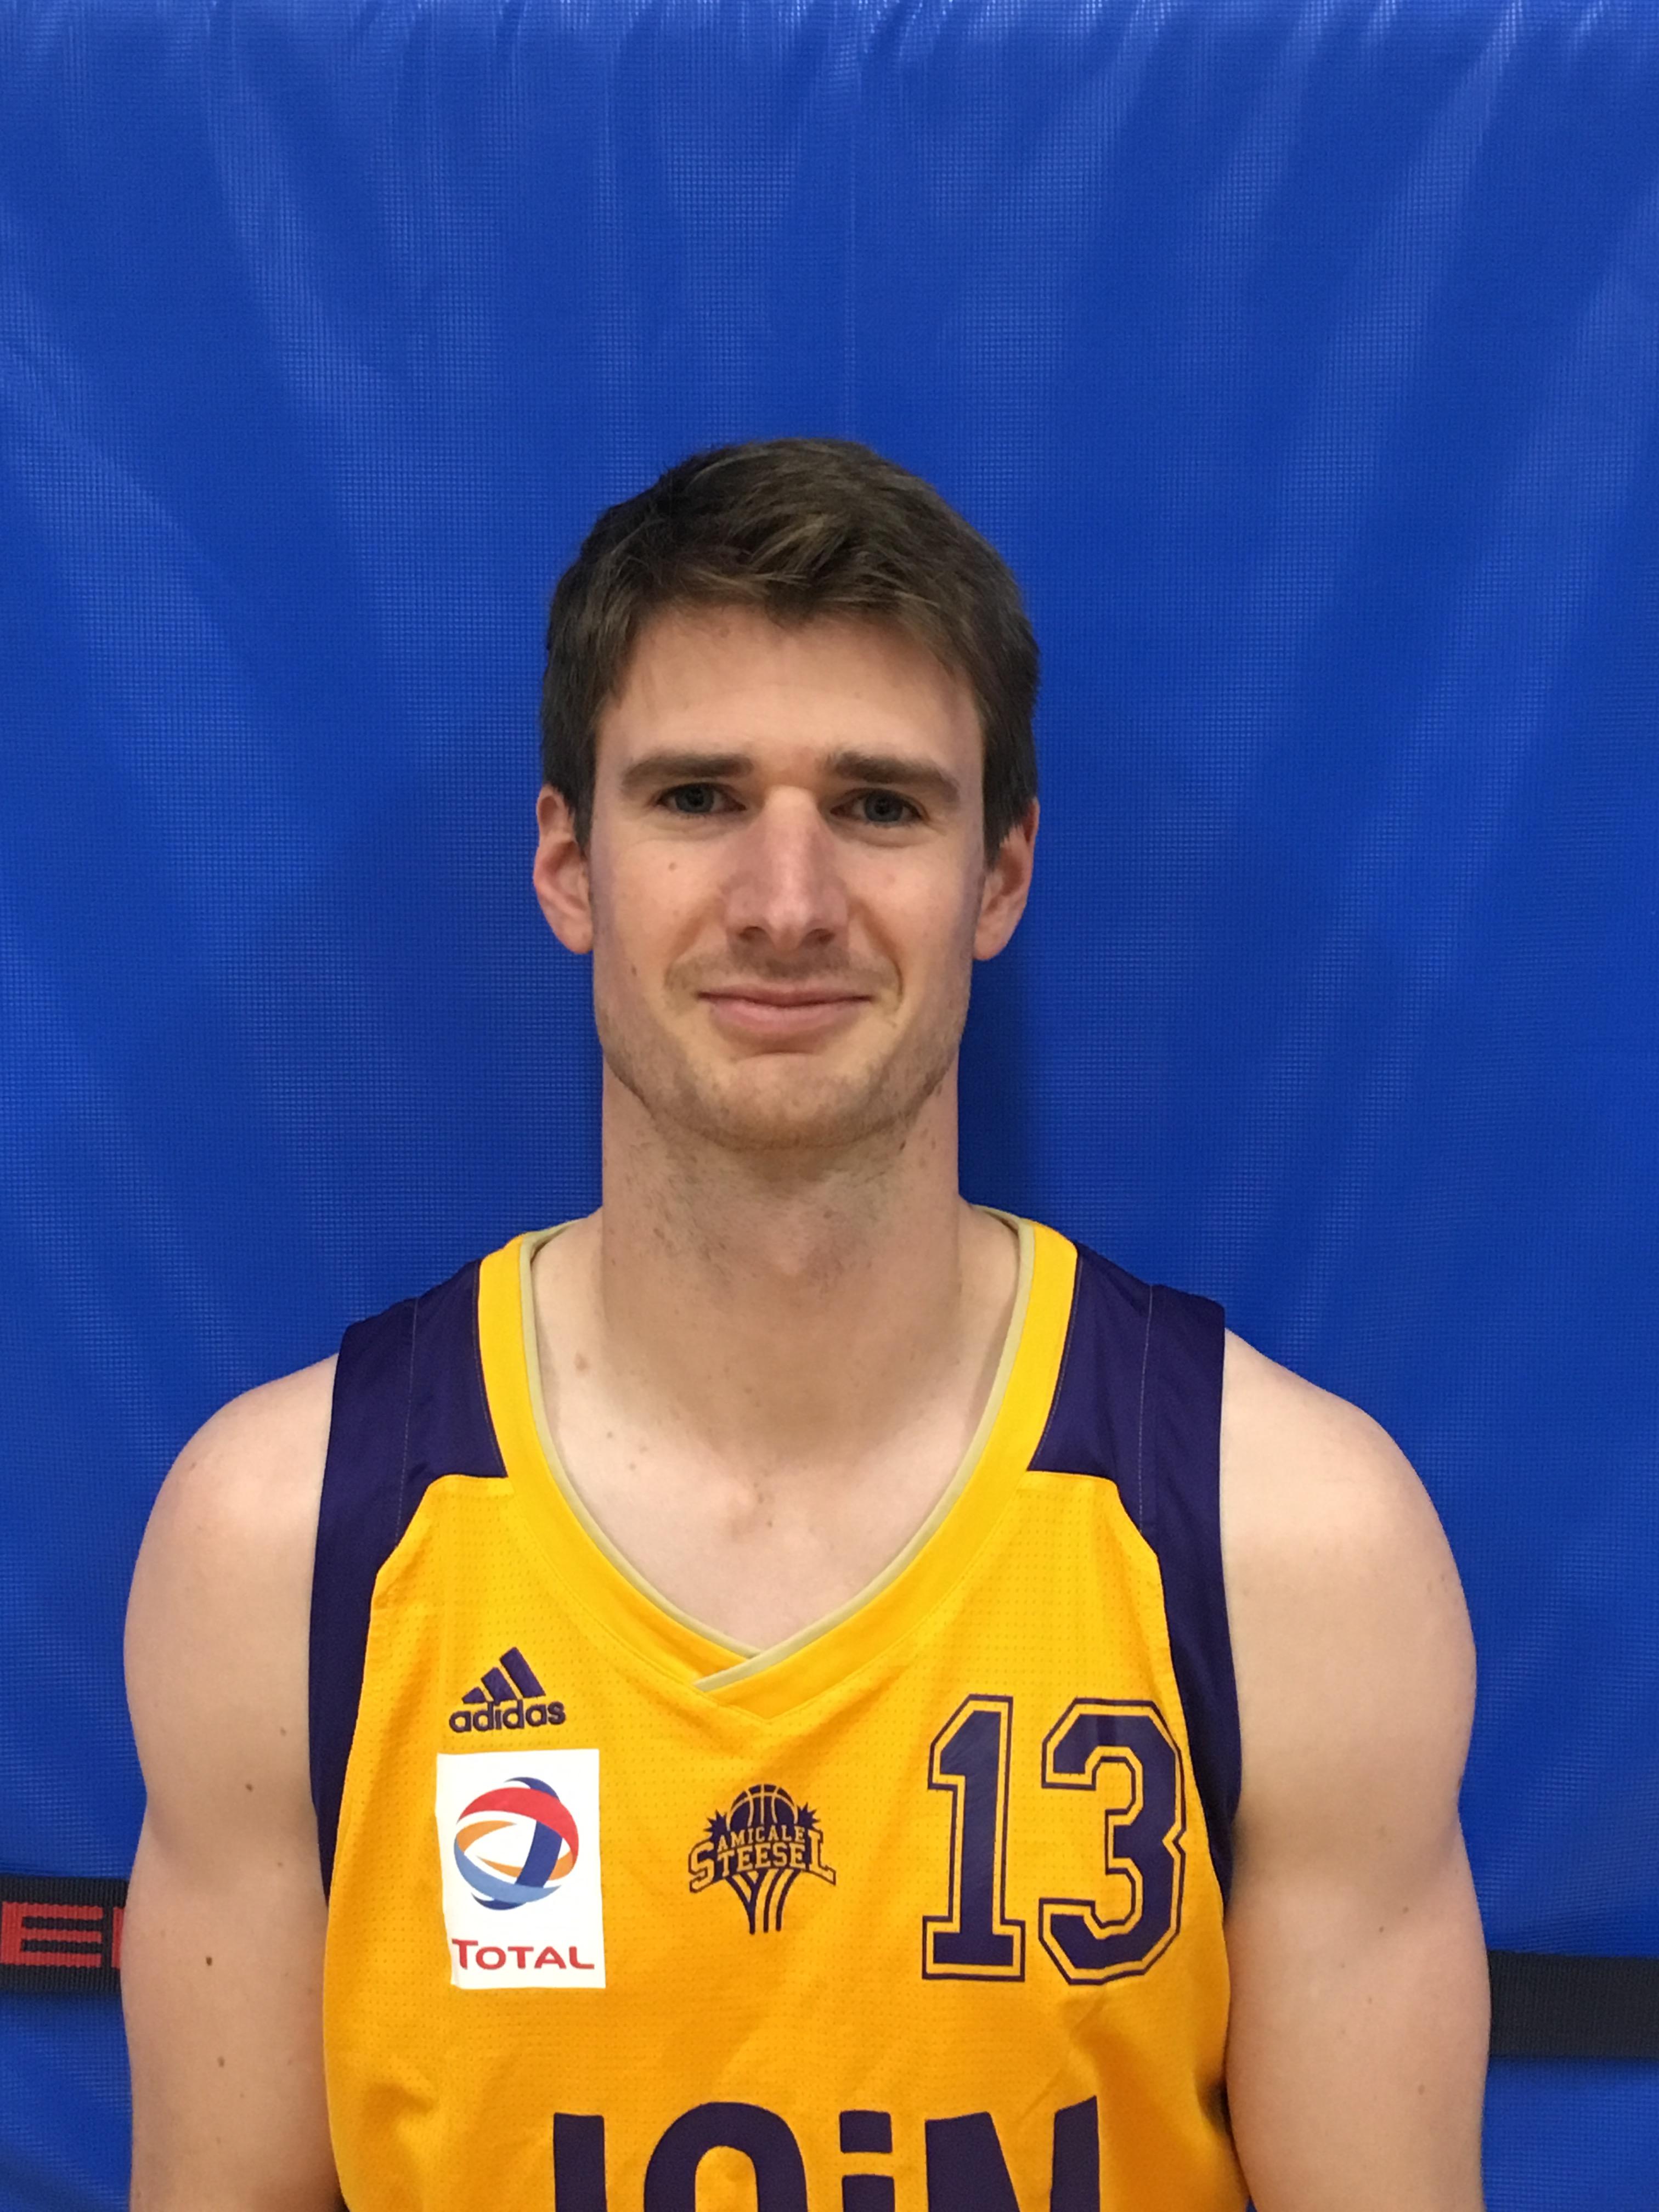 Chris Scholtes